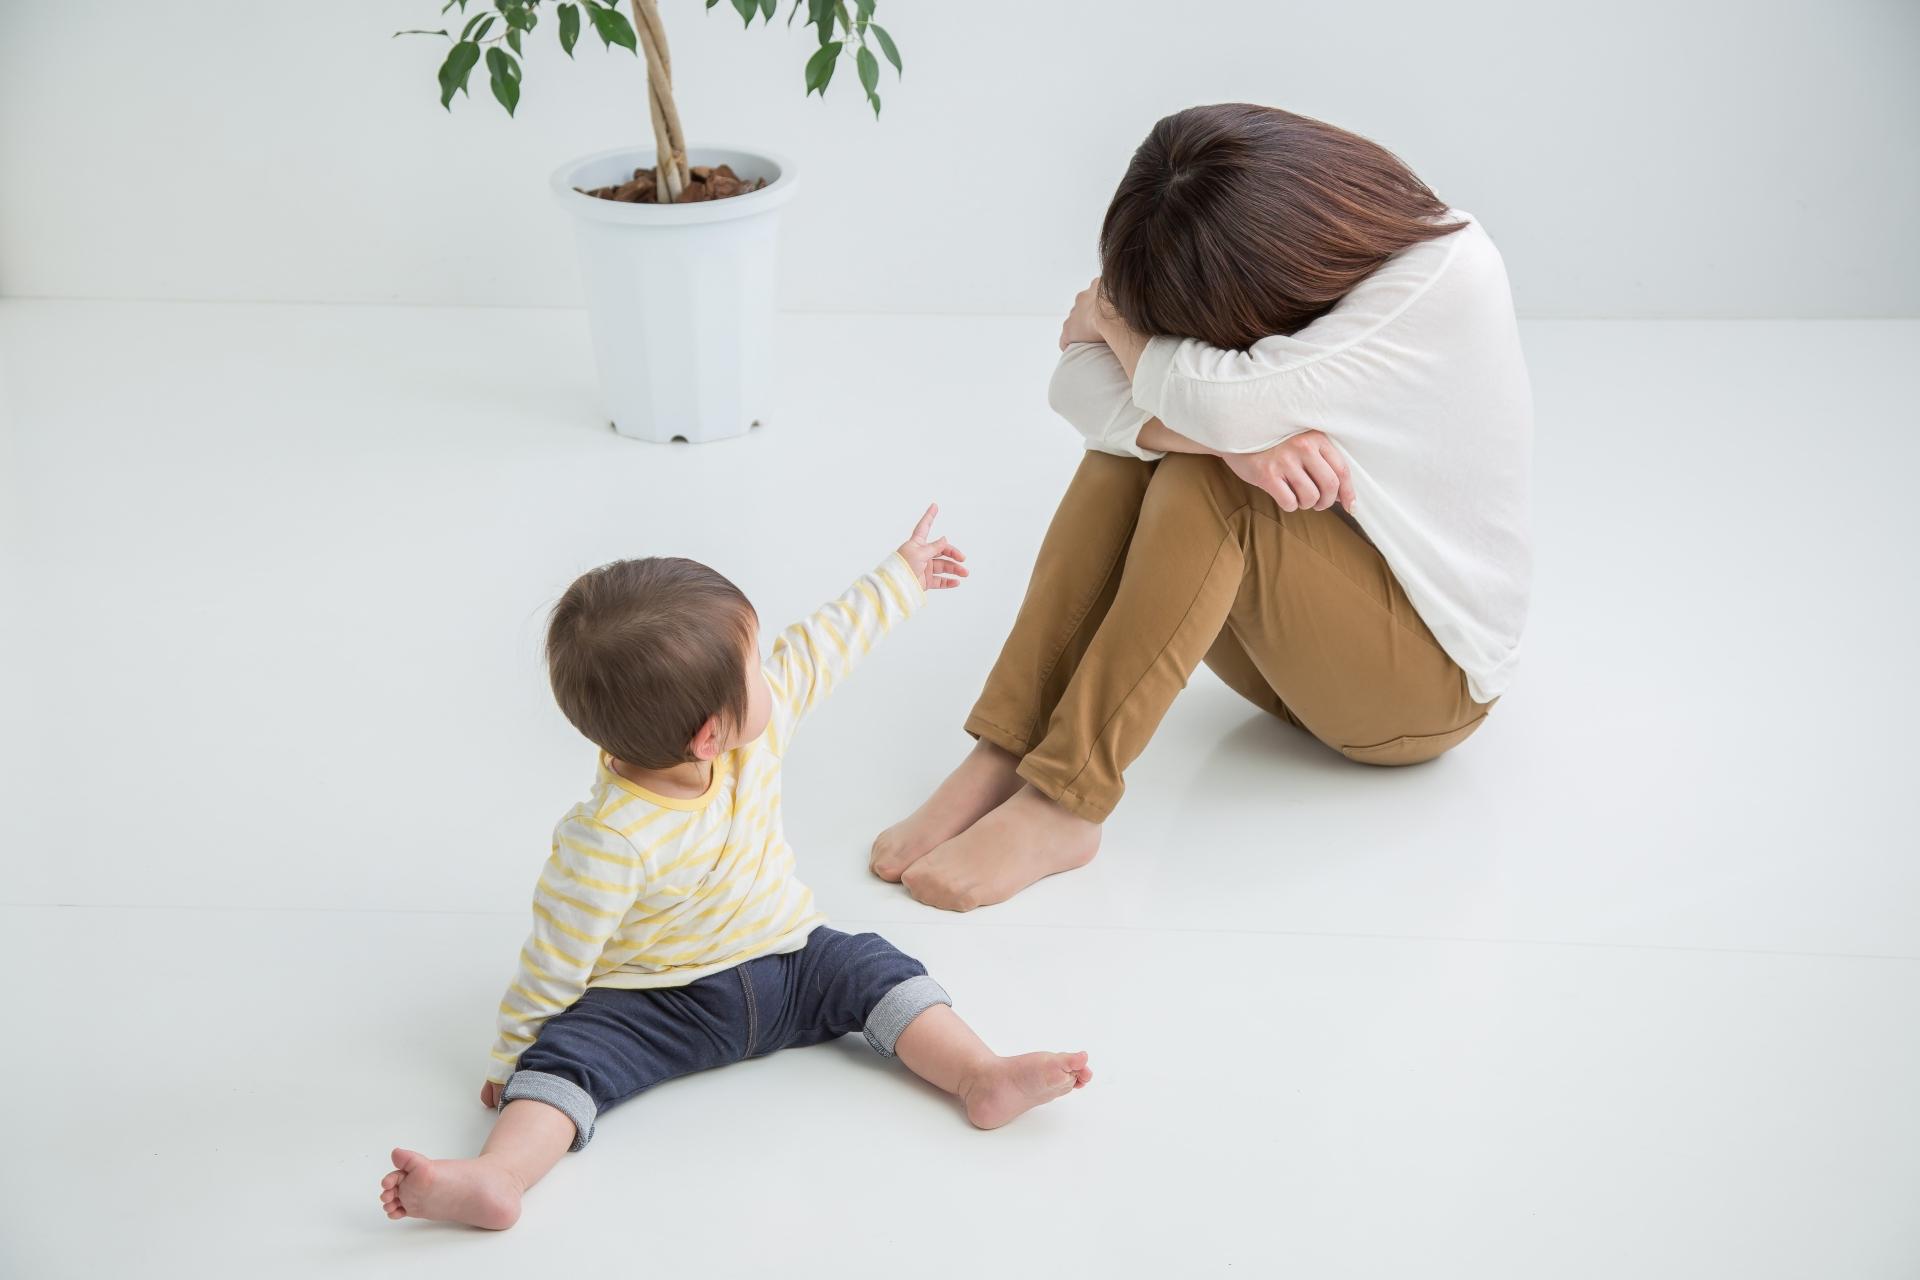 赤ちゃんと頭を抱える女性